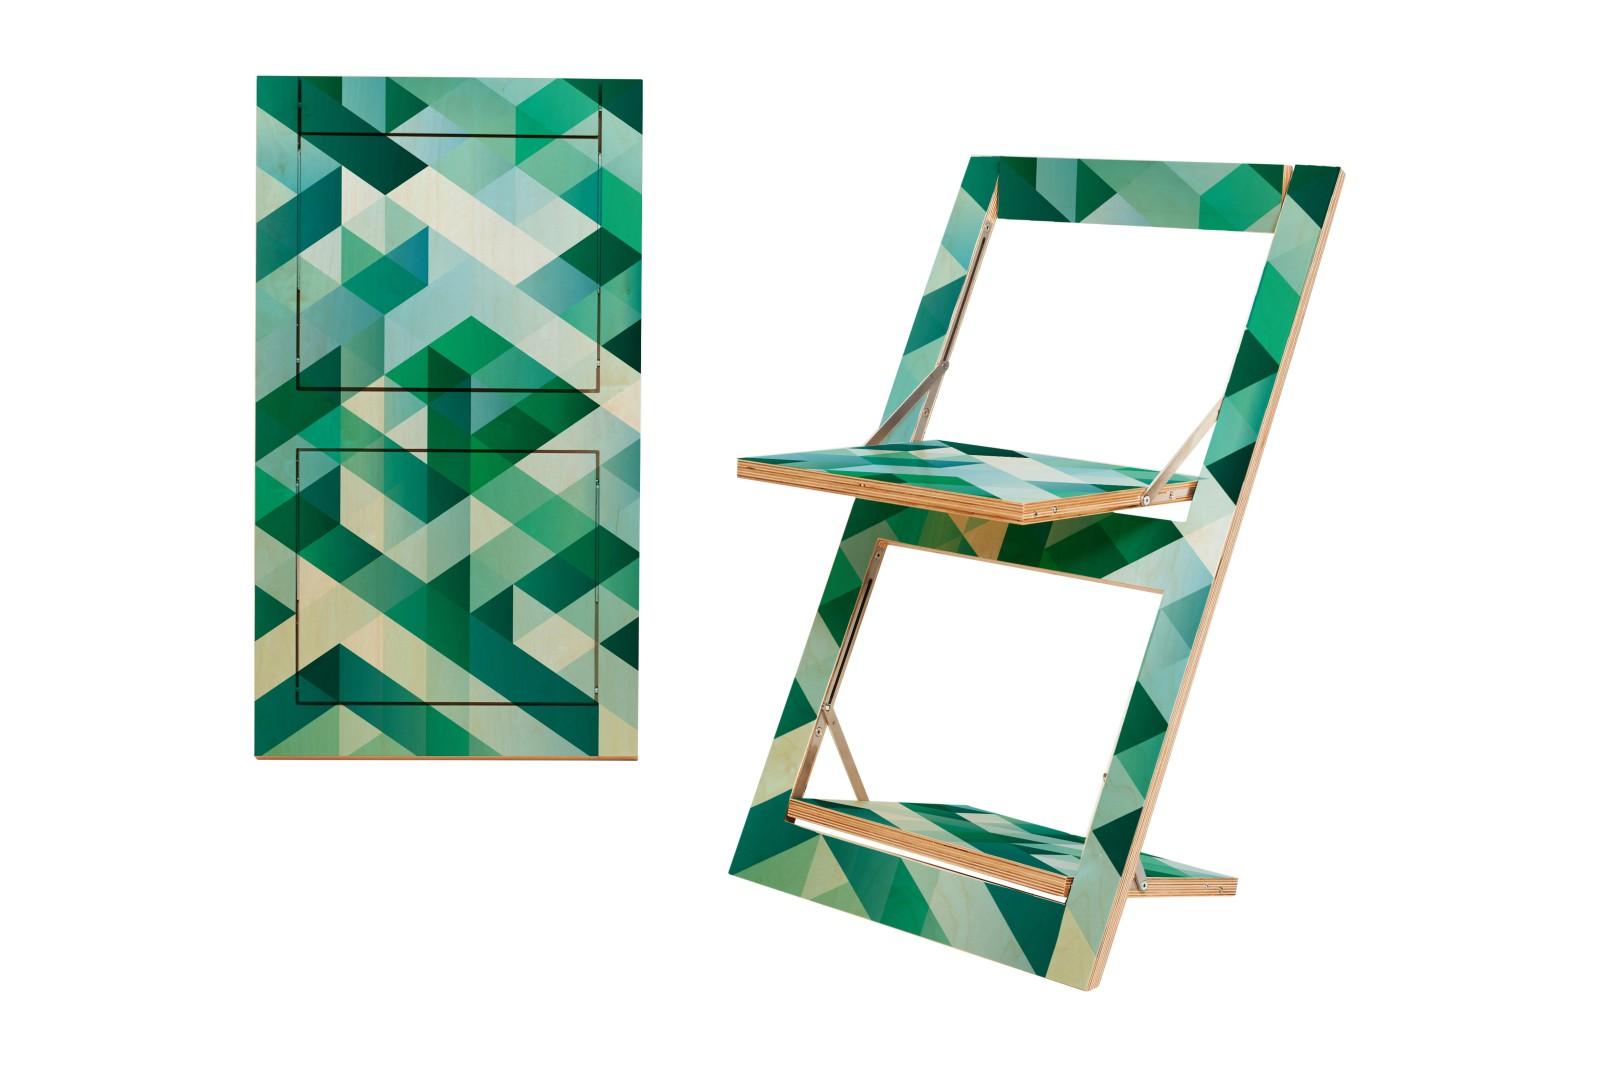 Fläpps Folding Chair Criss Cross Green